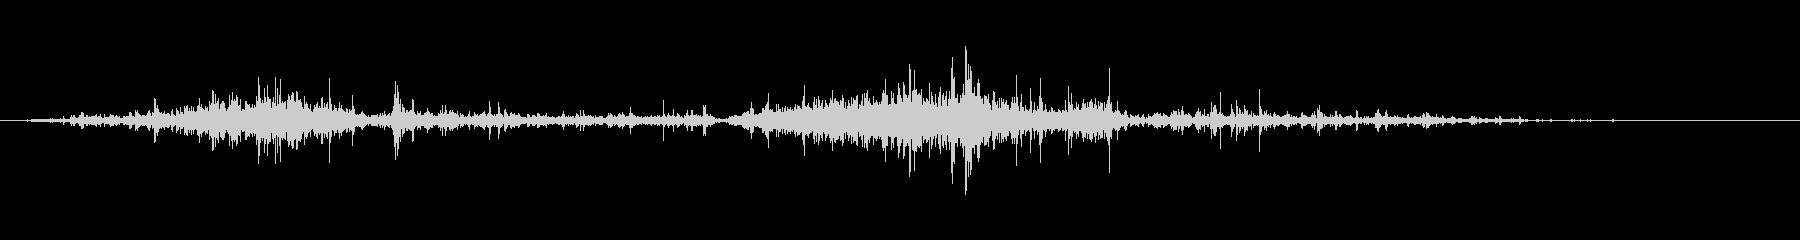 ガサゴソと探す音の未再生の波形